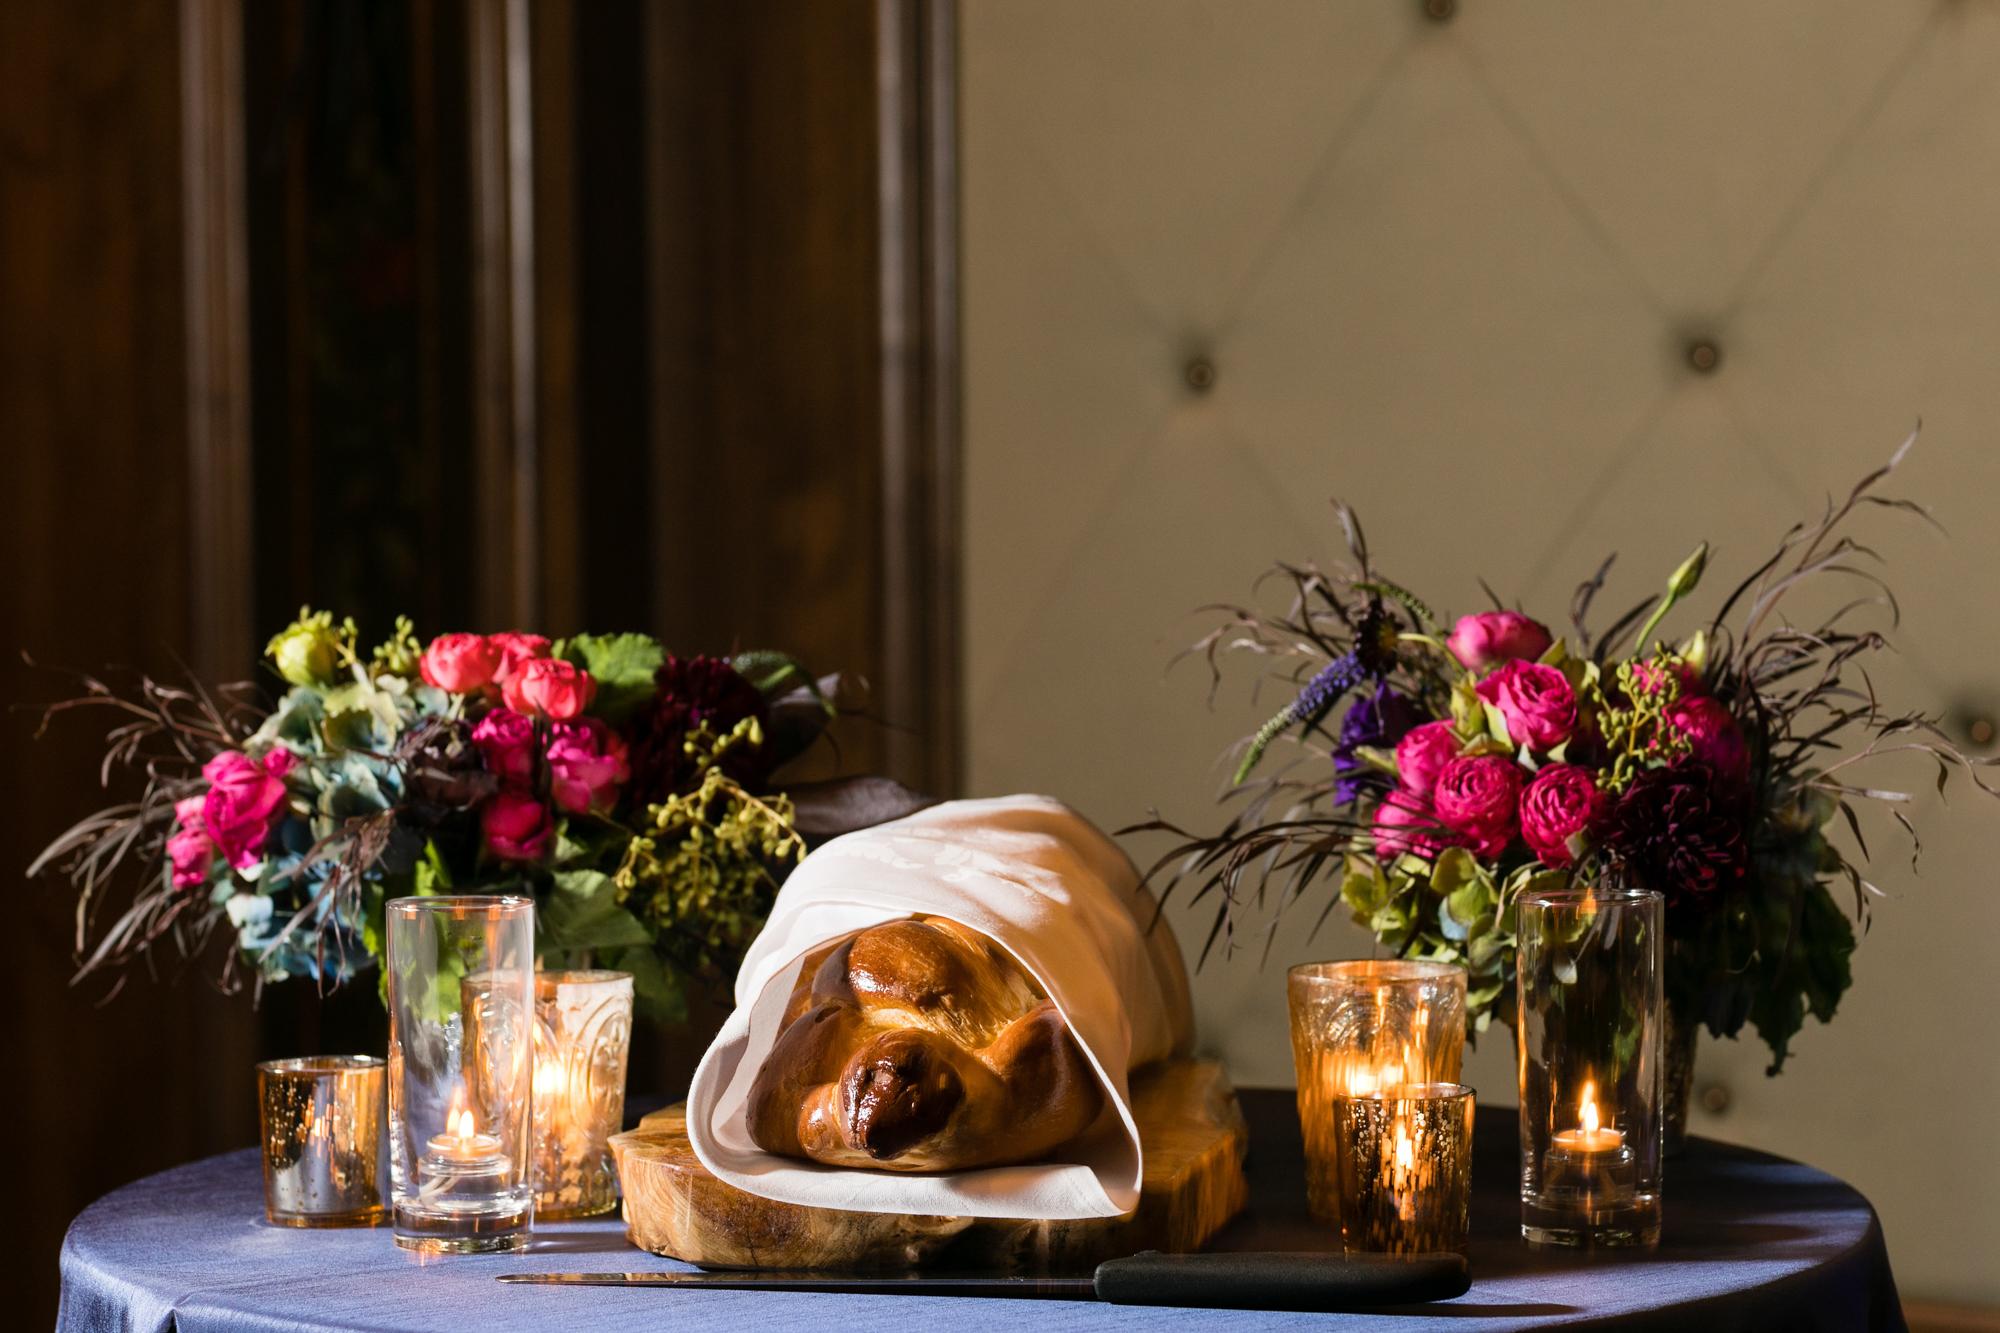 stein-eriksen-wedding-photography-26.jpg